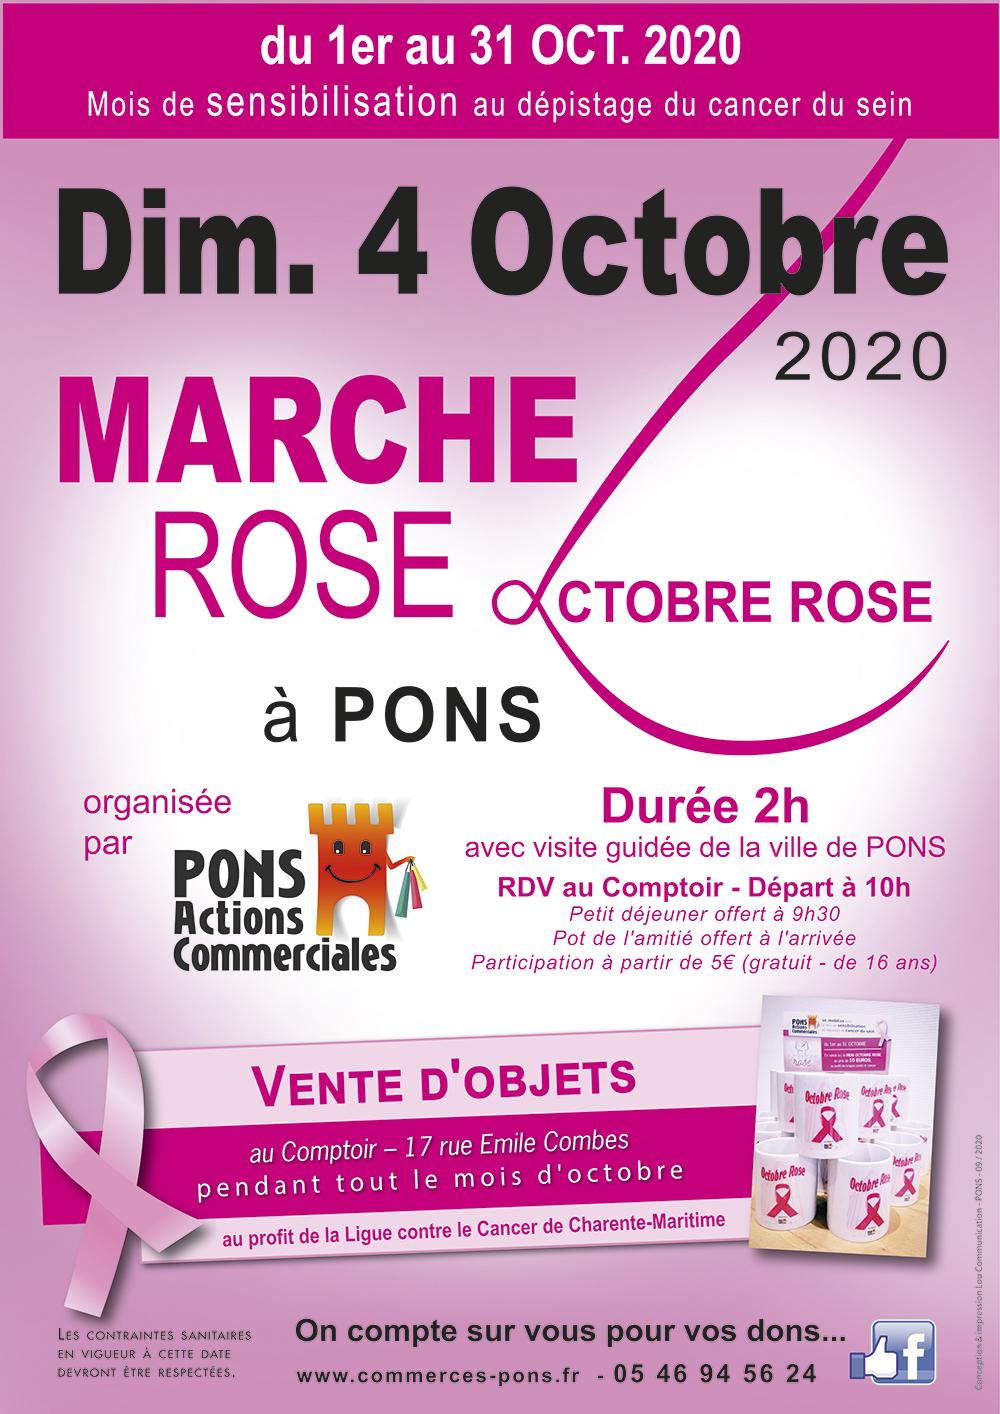 Pons Actions Commerciales - Marche Octobre rose - Dimanche 4 octobre 2020